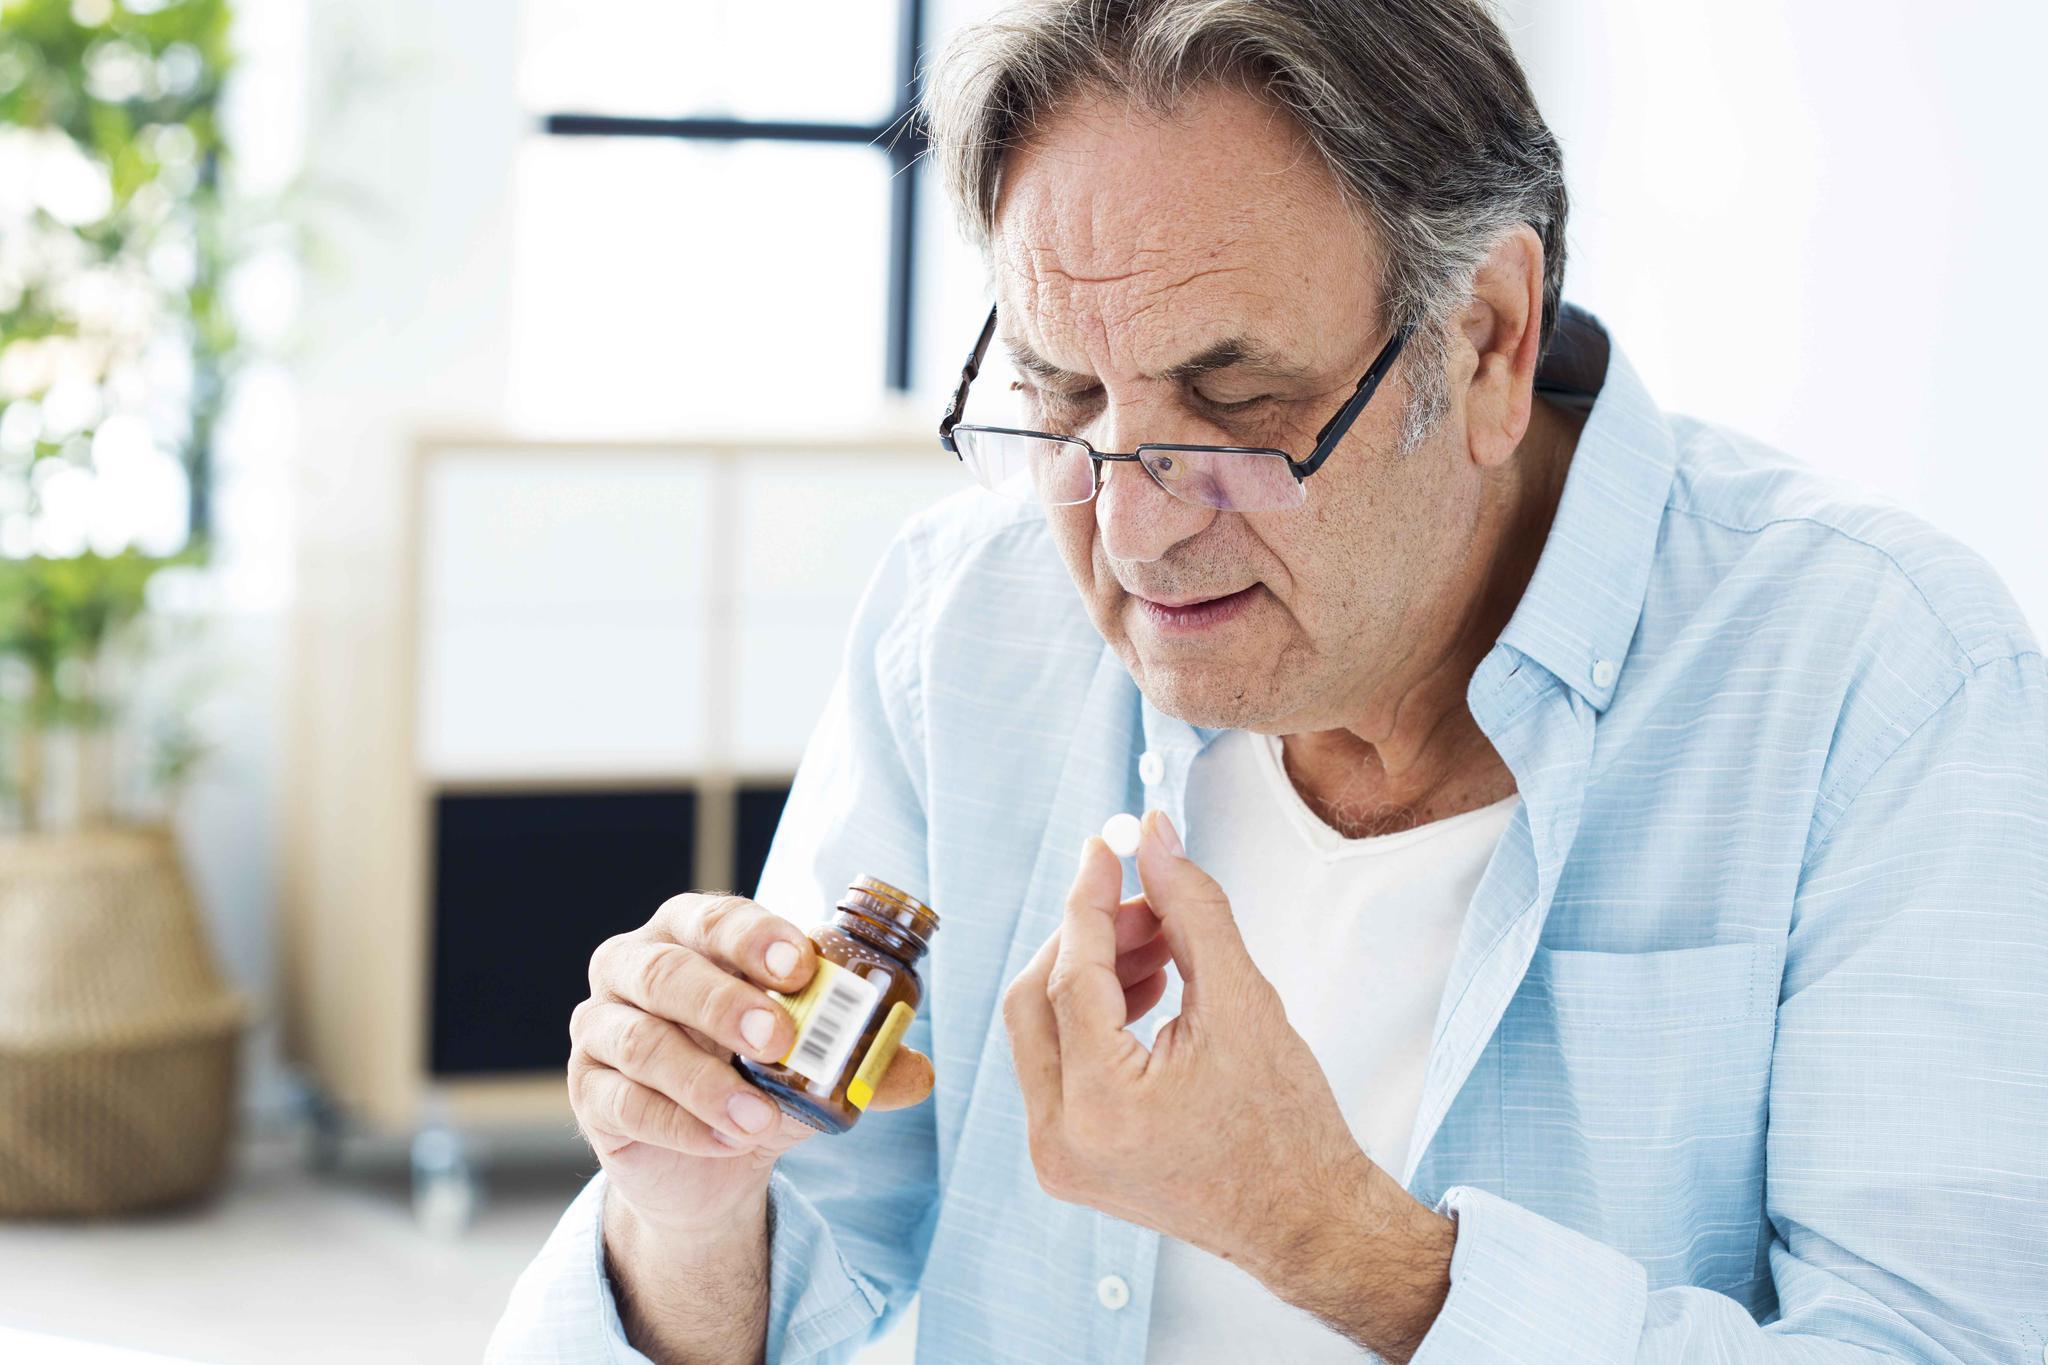 冠心病急救别迷信硝酸甘油,医生:血压低时服用,反而误事